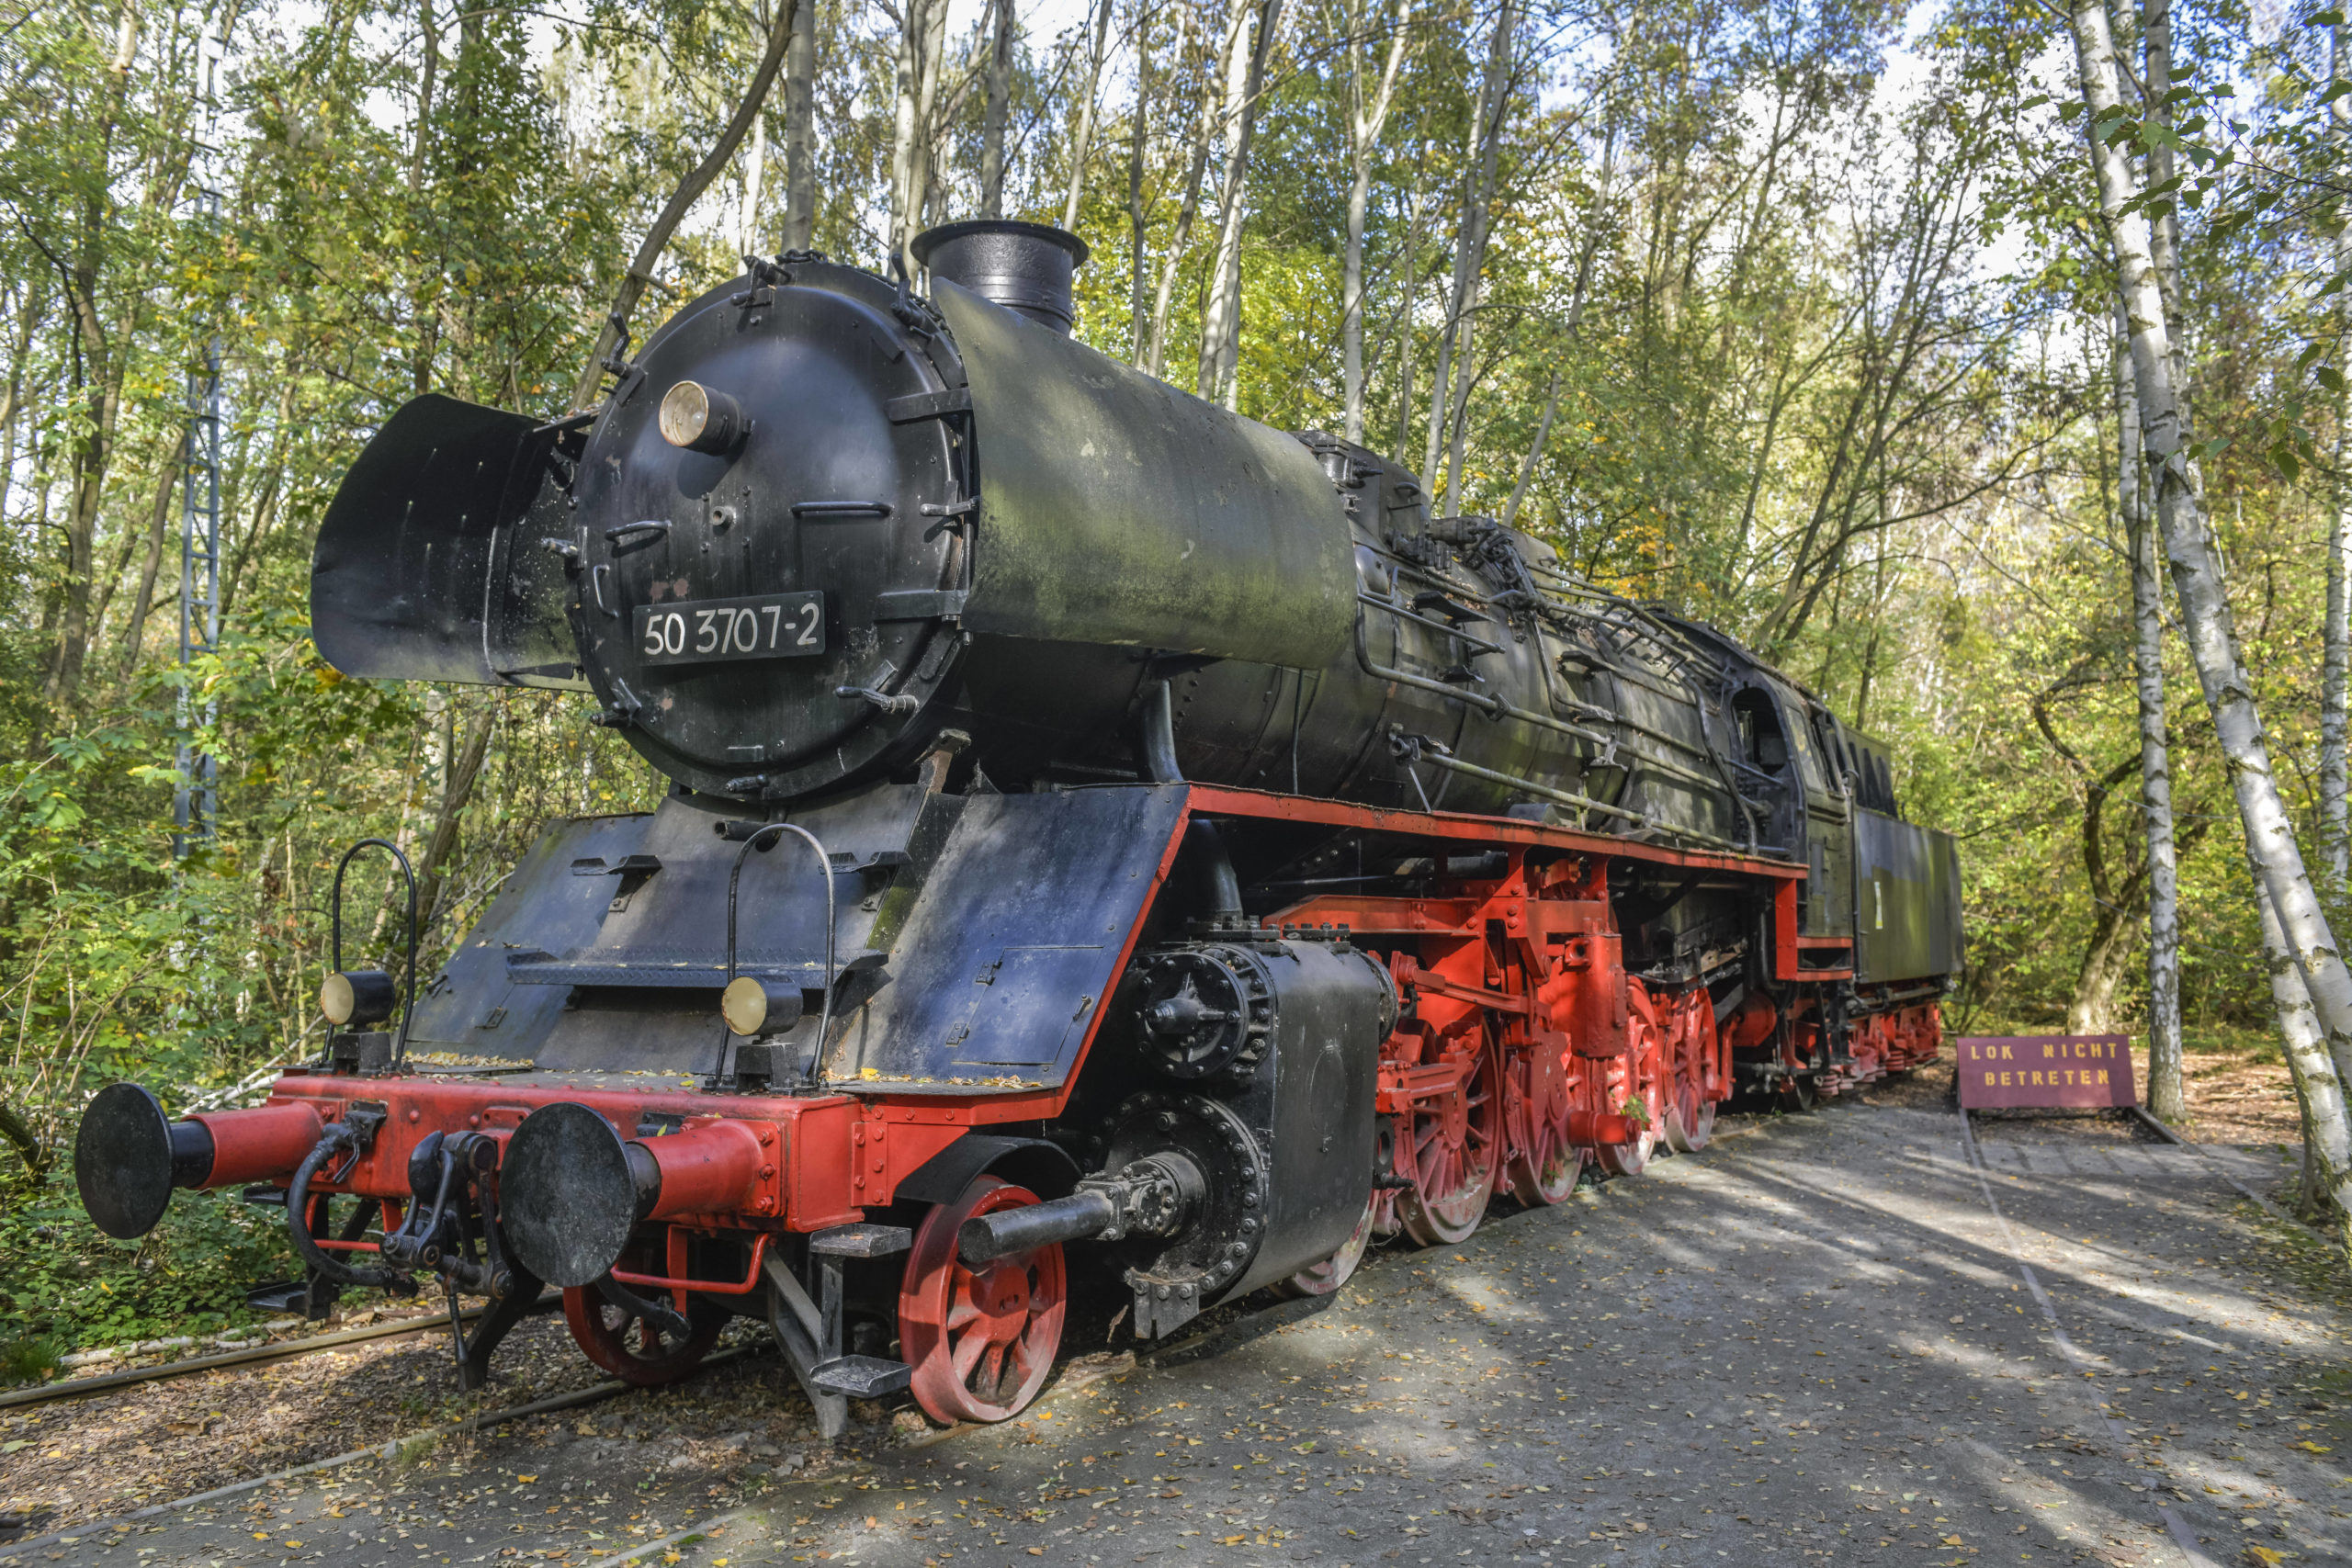 Die ausrangierte Lokomotive im Natur-Park Südgelände erinnert an Zeiten, als hier noch Güterzüge fuhren. Foto: Imago/Schöning